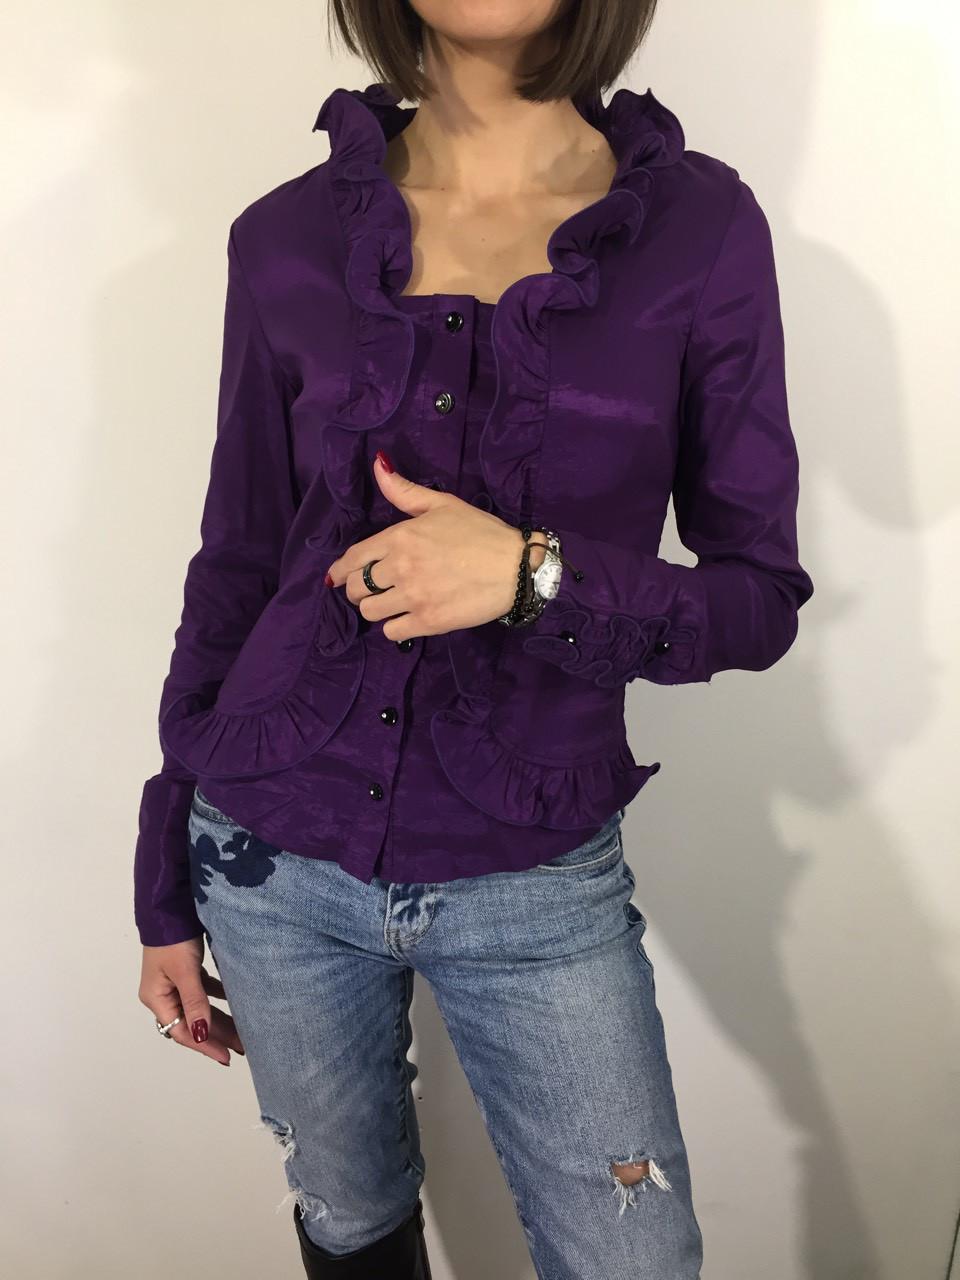 b6dc7a490a9 Рубашка женская А-93 фиолетовая - купить по низкой цене. Код 688034651